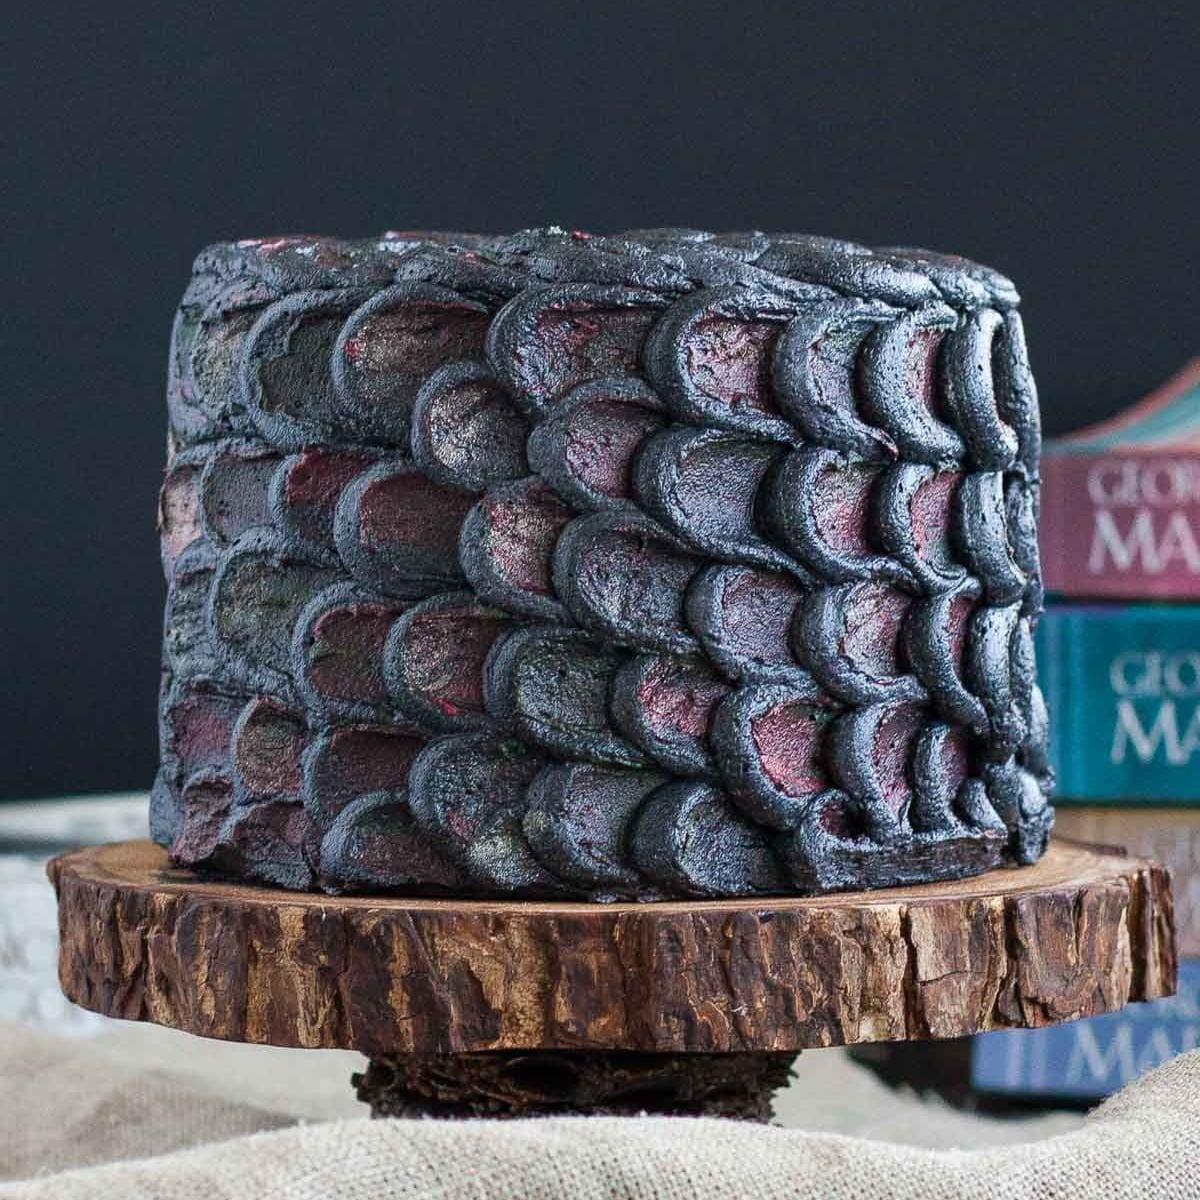 TGON-BAKES-GOT-DRAGONSCALE-CAKE